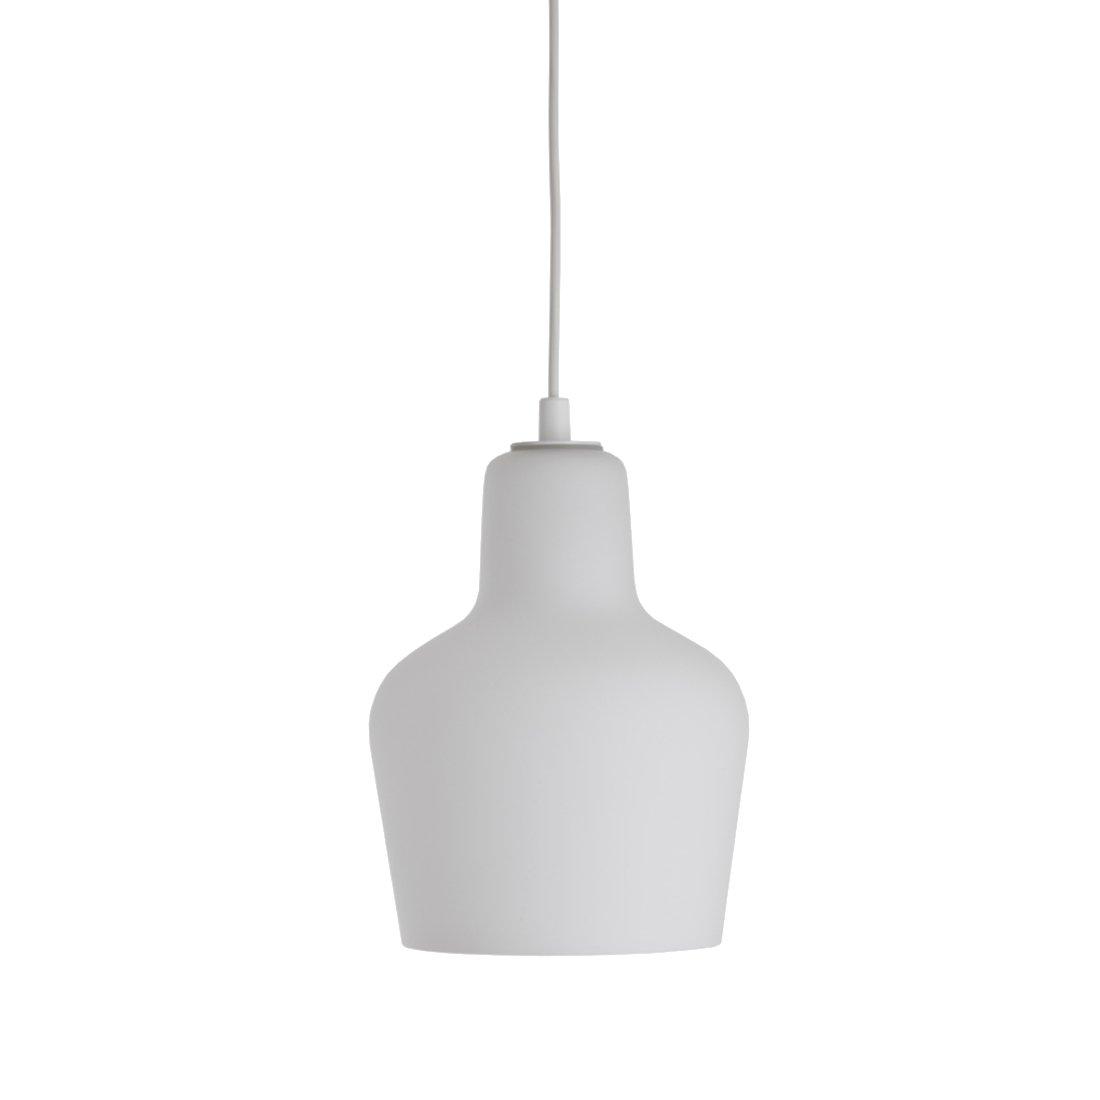 Artek A440 Hanglamp